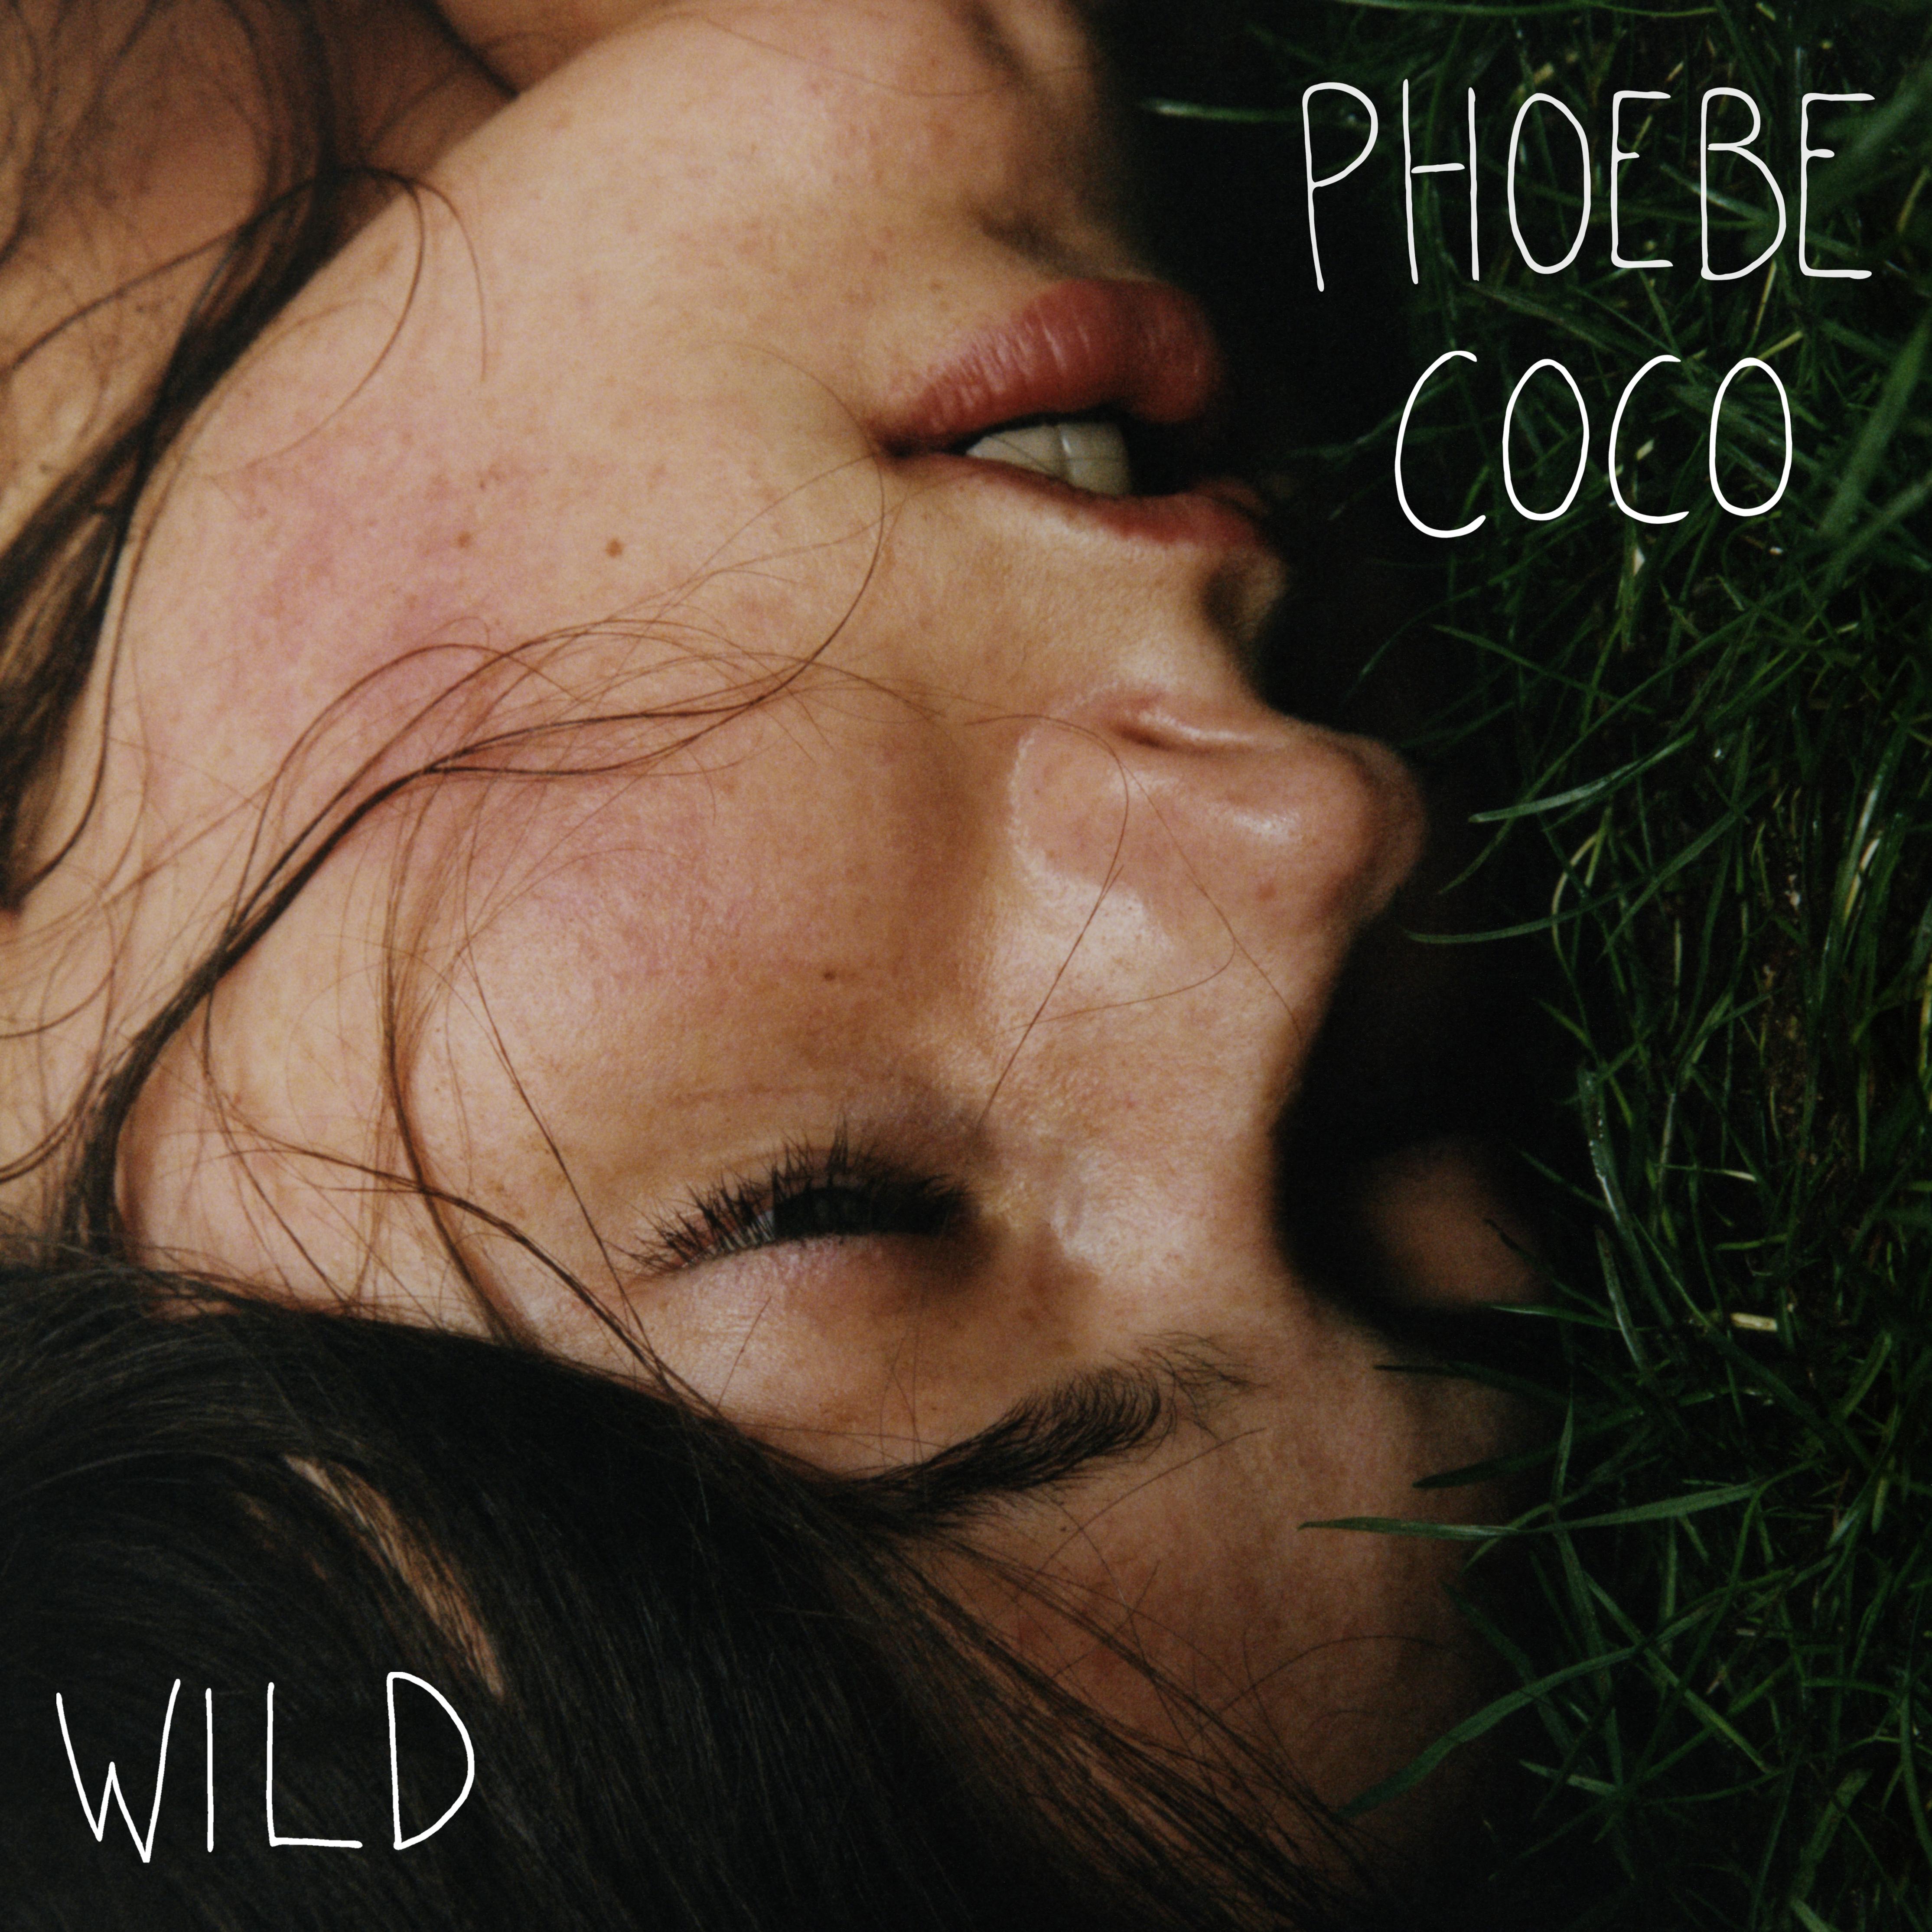 Wild Phoebe Coco